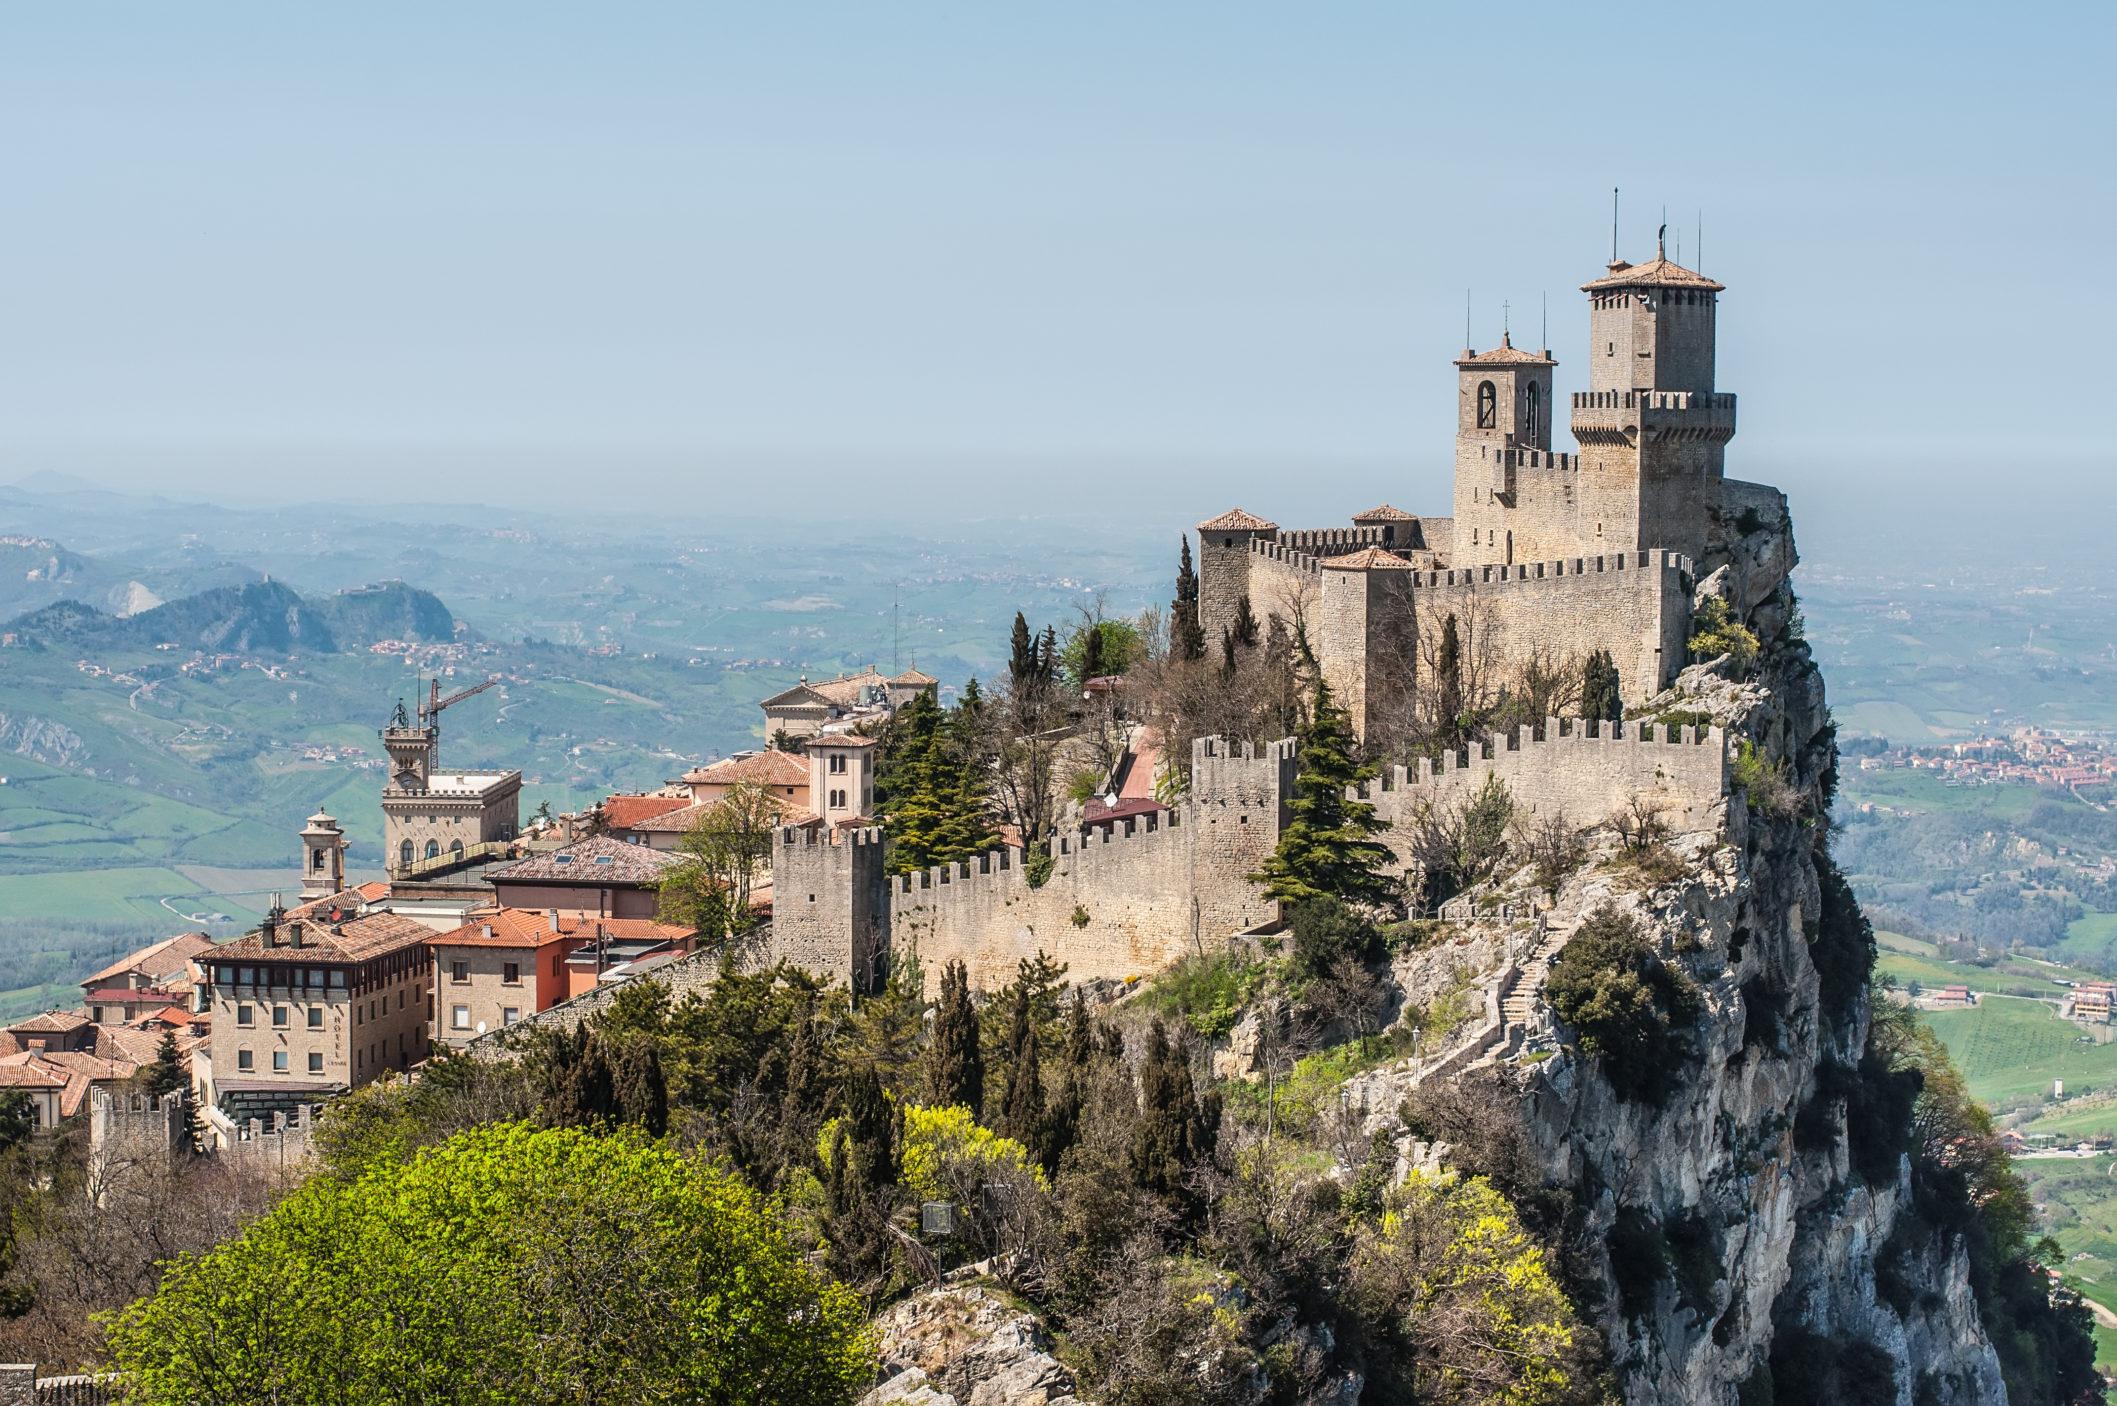 San Marino [Shutterstock]